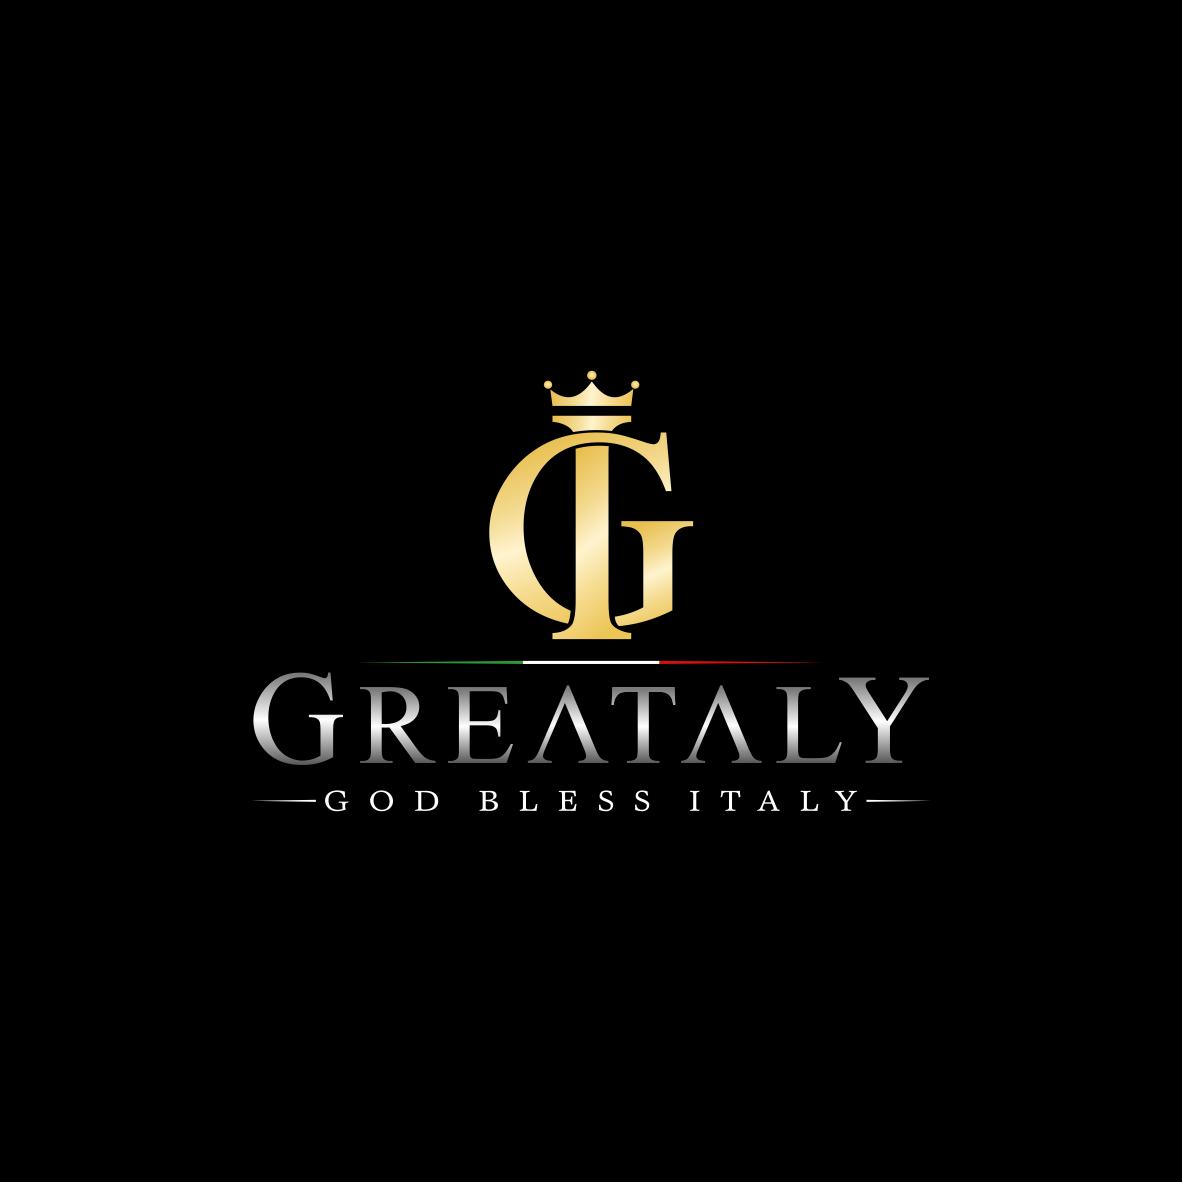 LA GRANDE ITALIA - ELITE LUSSO E TRADIZIONE